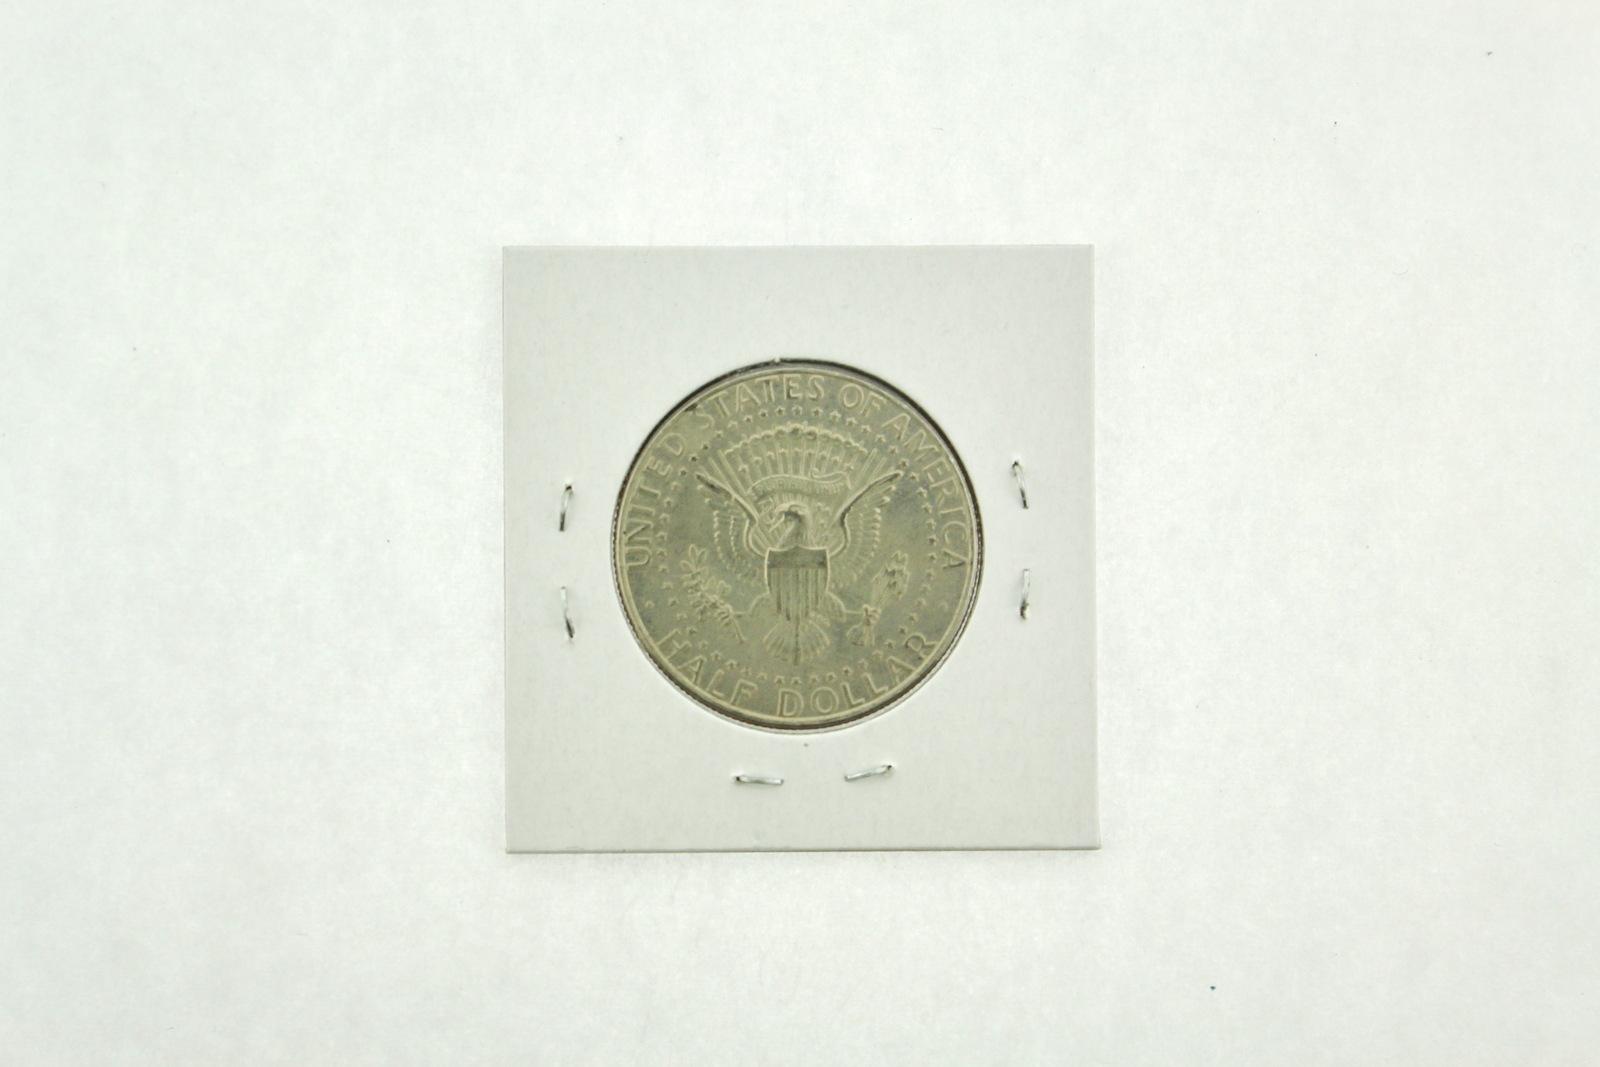 1996-D Kennedy Half Dollar (VF) Very Fine N2-3906-1